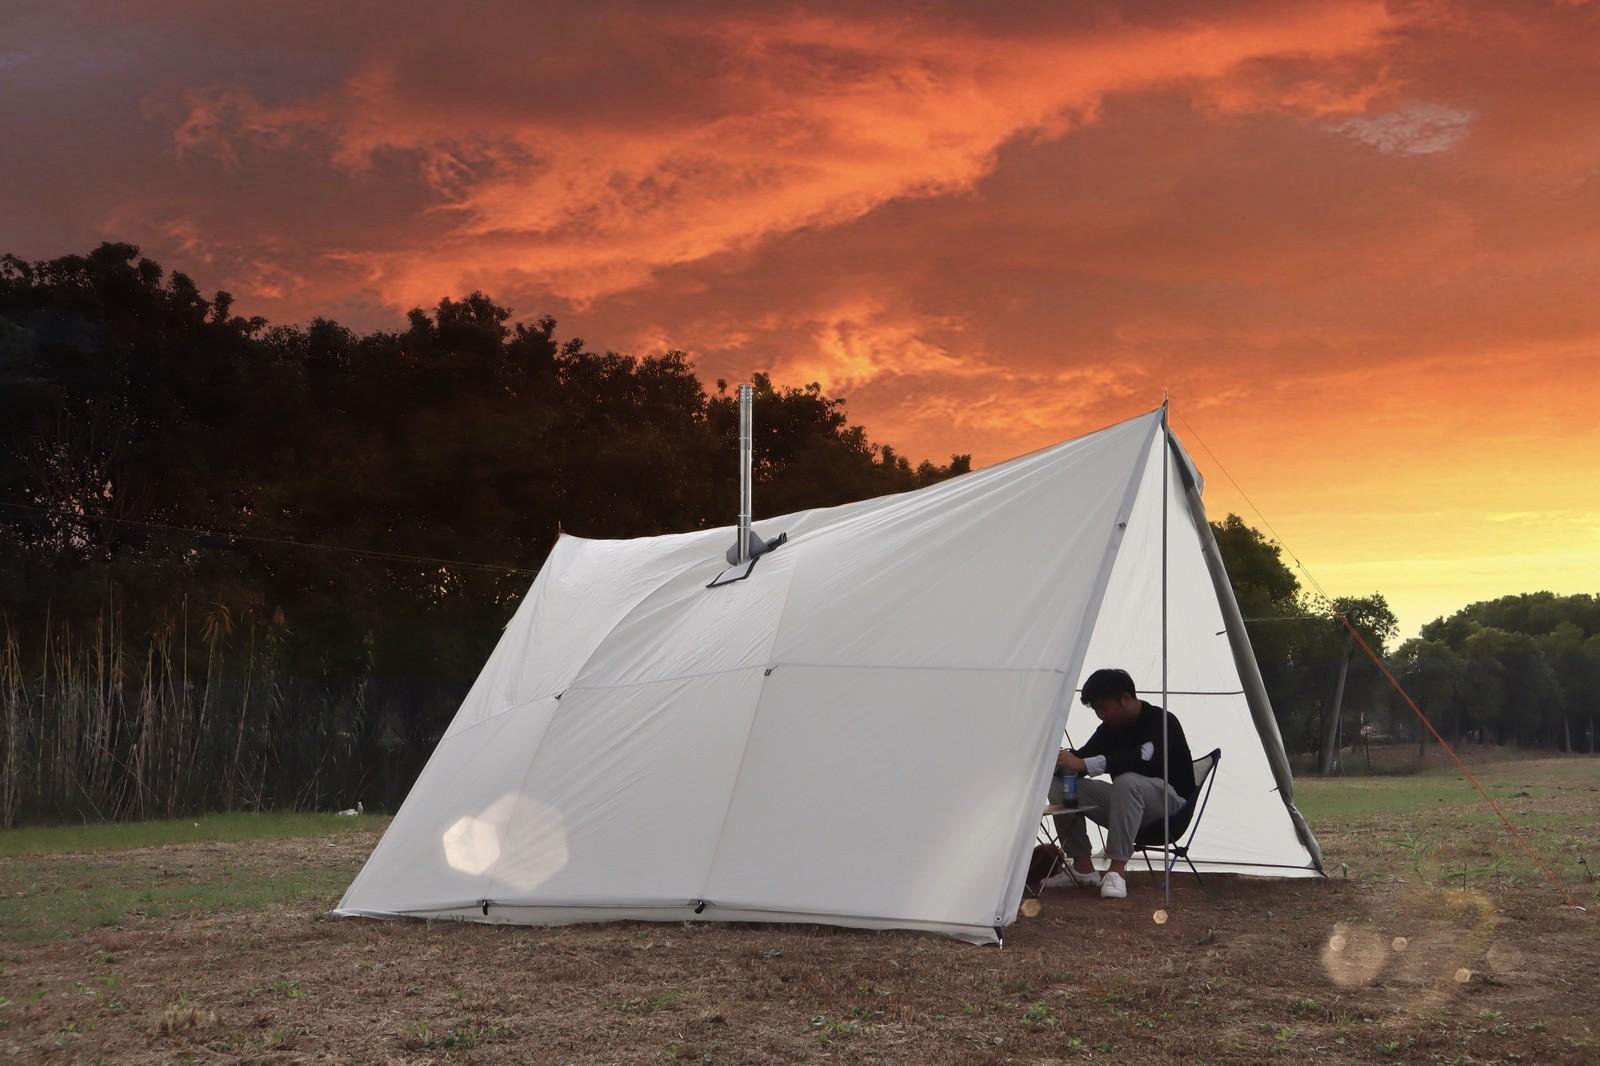 Ultralight Outdoor Camping TeePee Fogão de Lenha Aquecimento Fogão Fogão Tenda Ao Ar Livre Sobrevivência Caminhadas Z1123